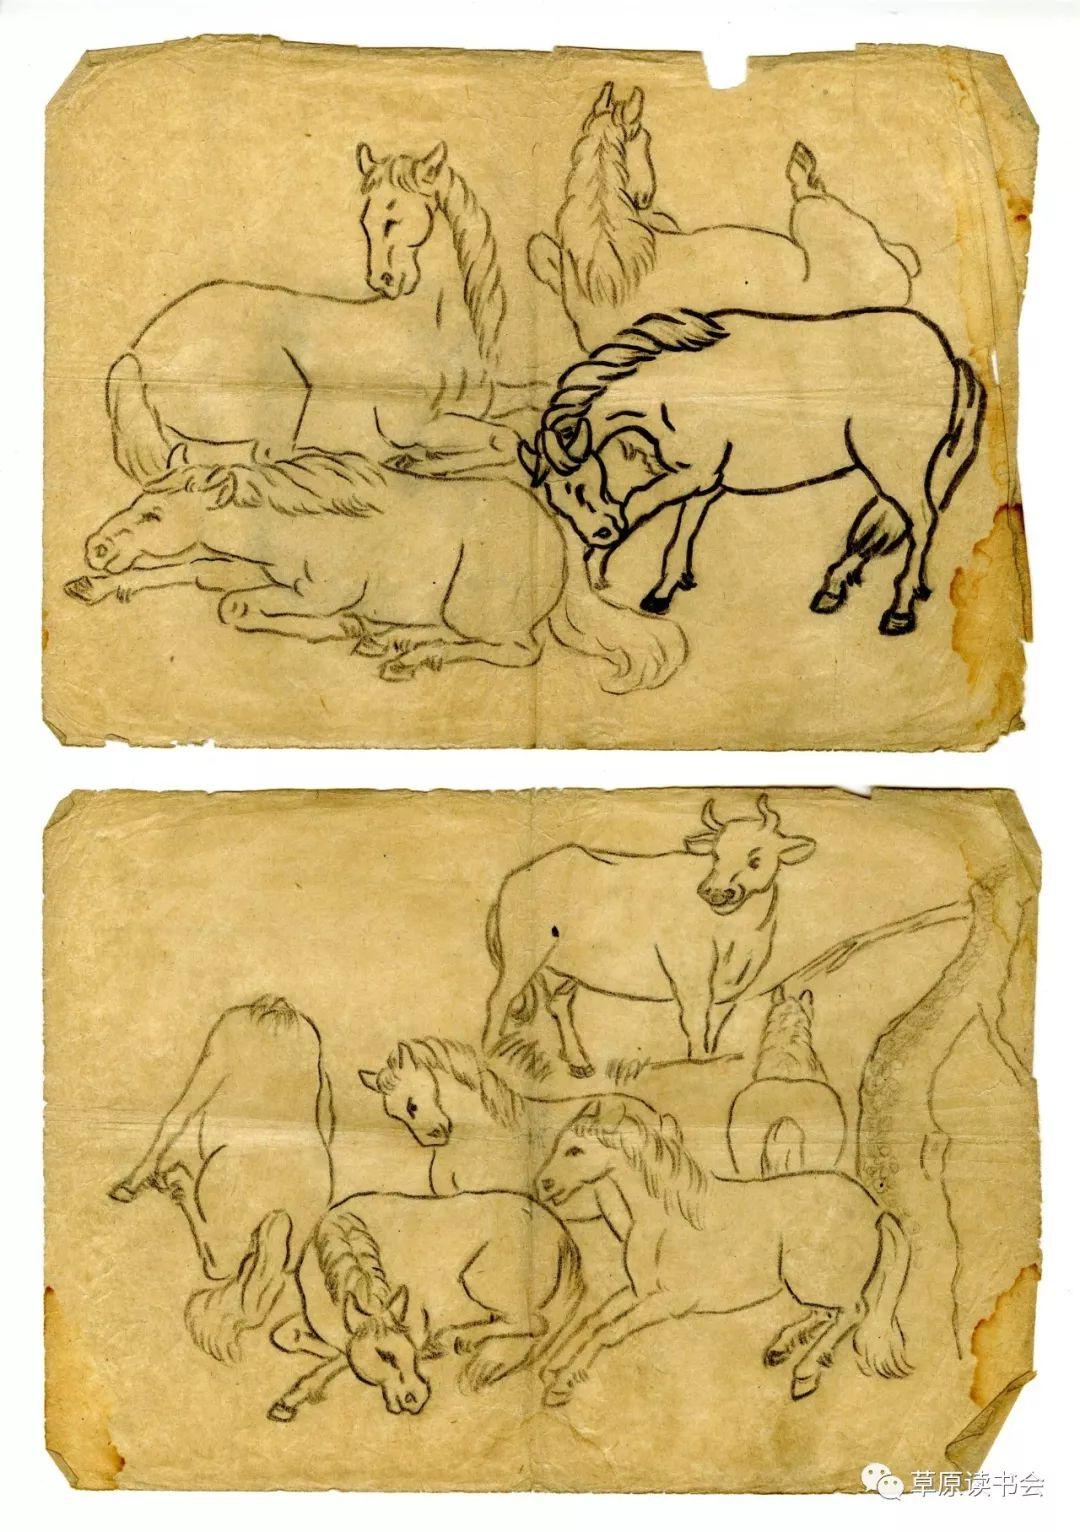 博彦和什克与他的蒙古族图案艺术 第18张 博彦和什克与他的蒙古族图案艺术 蒙古图案